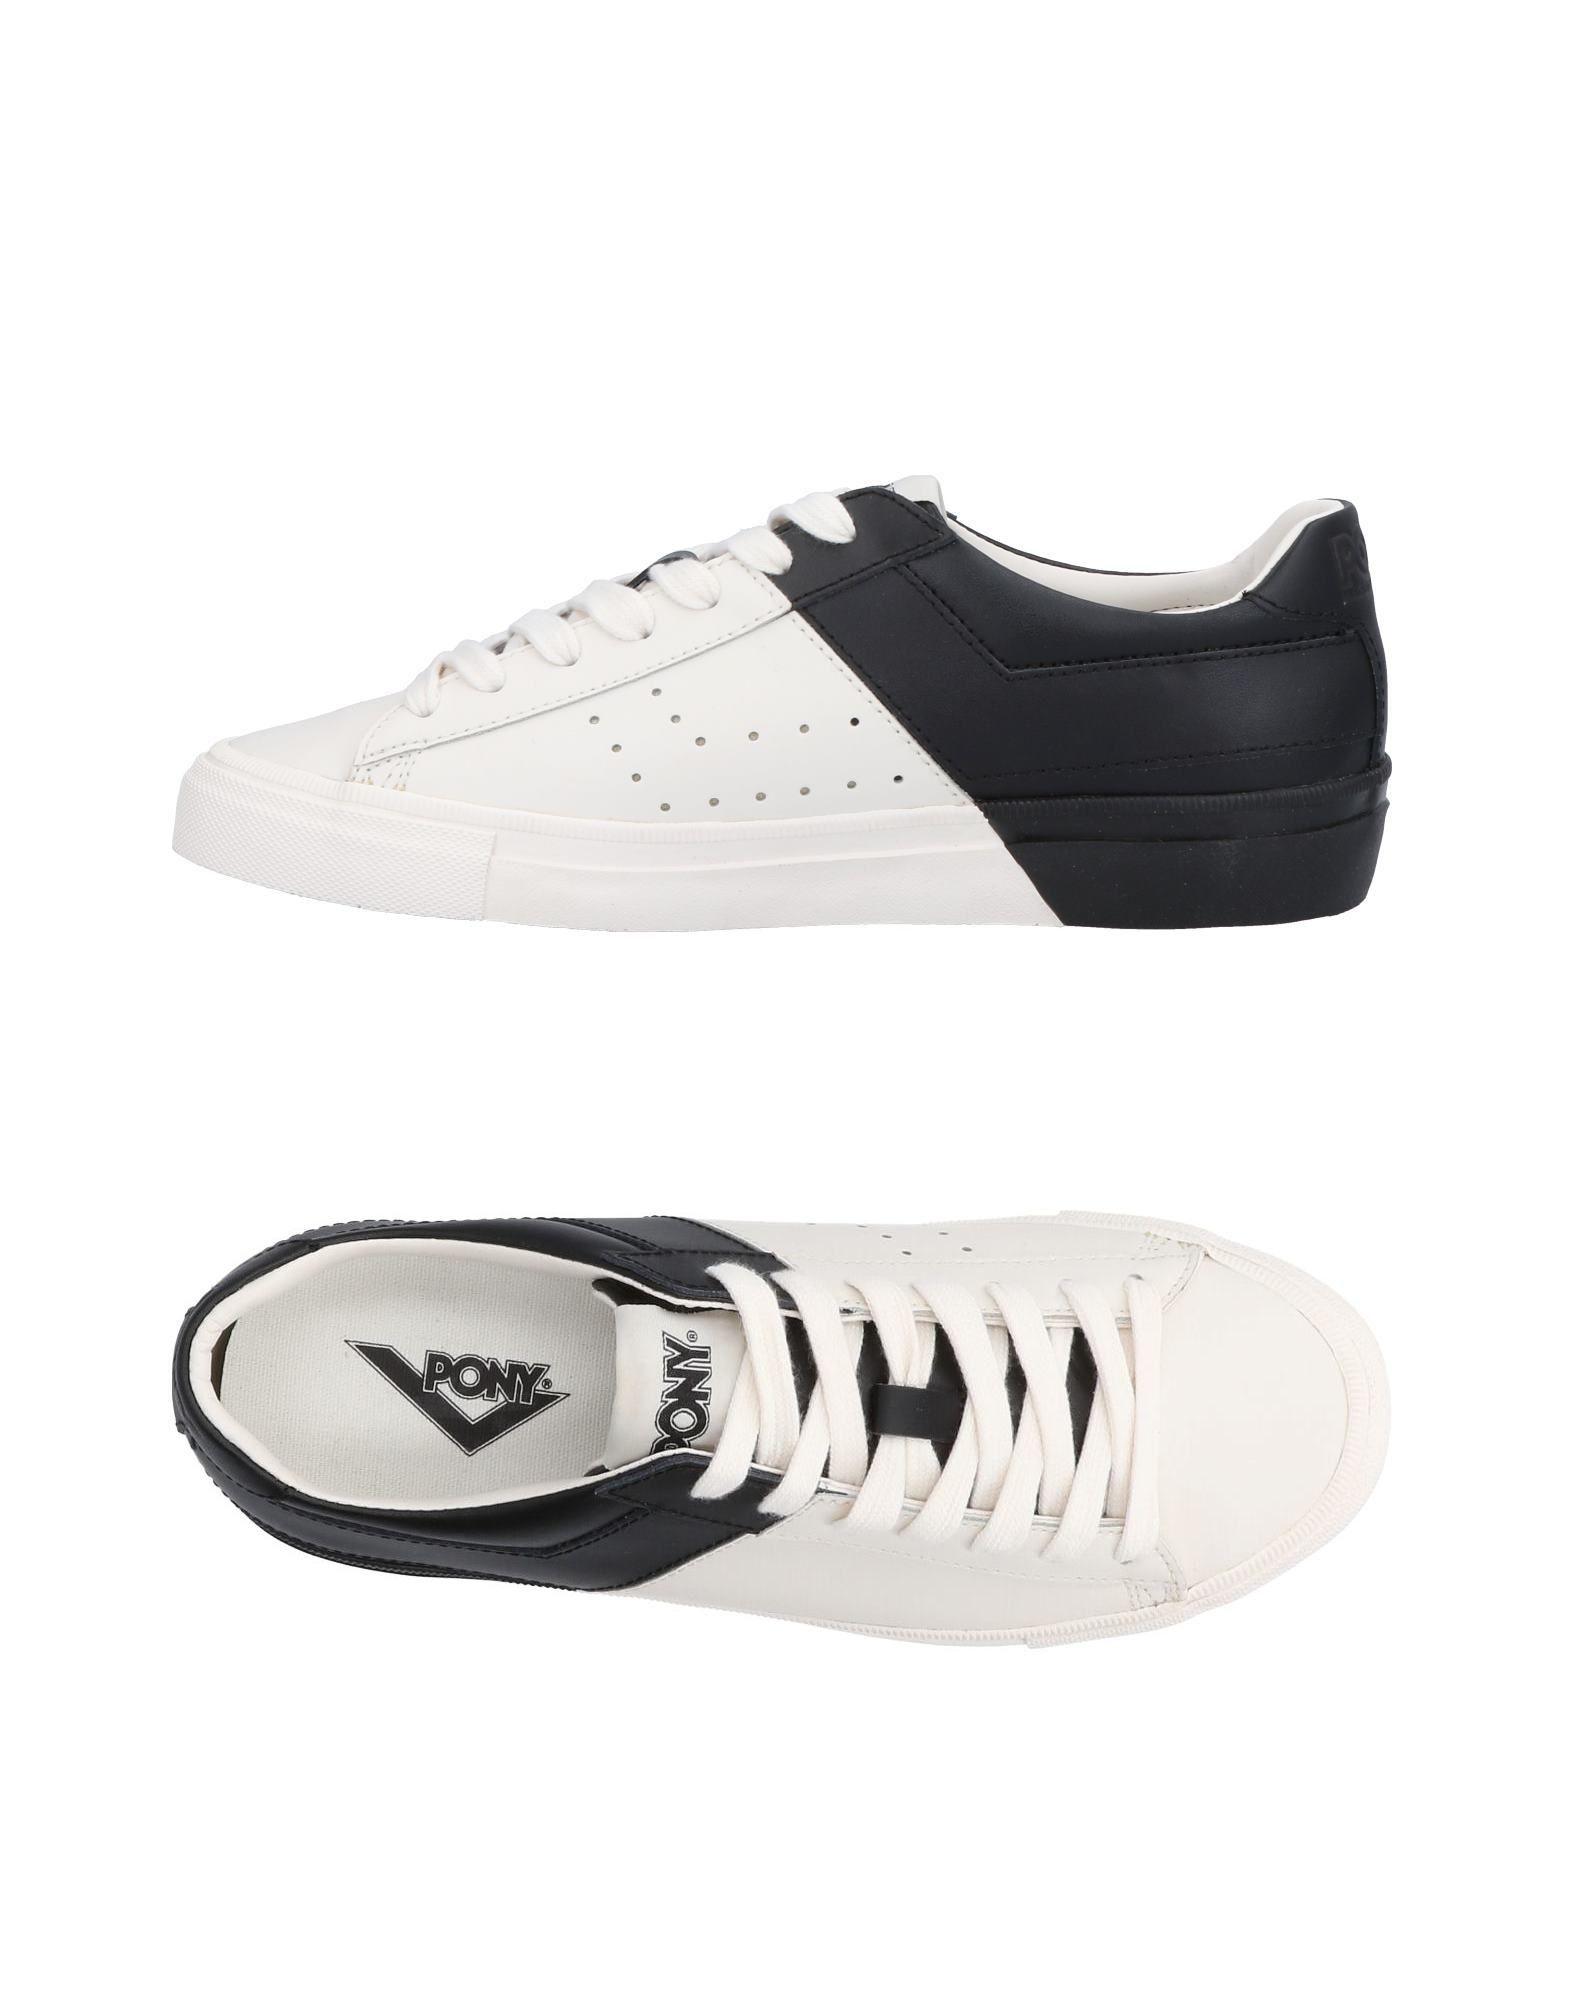 Pony Sneakers Damen Qualität  11467833OJ Gute Qualität Damen beliebte Schuhe c7c964